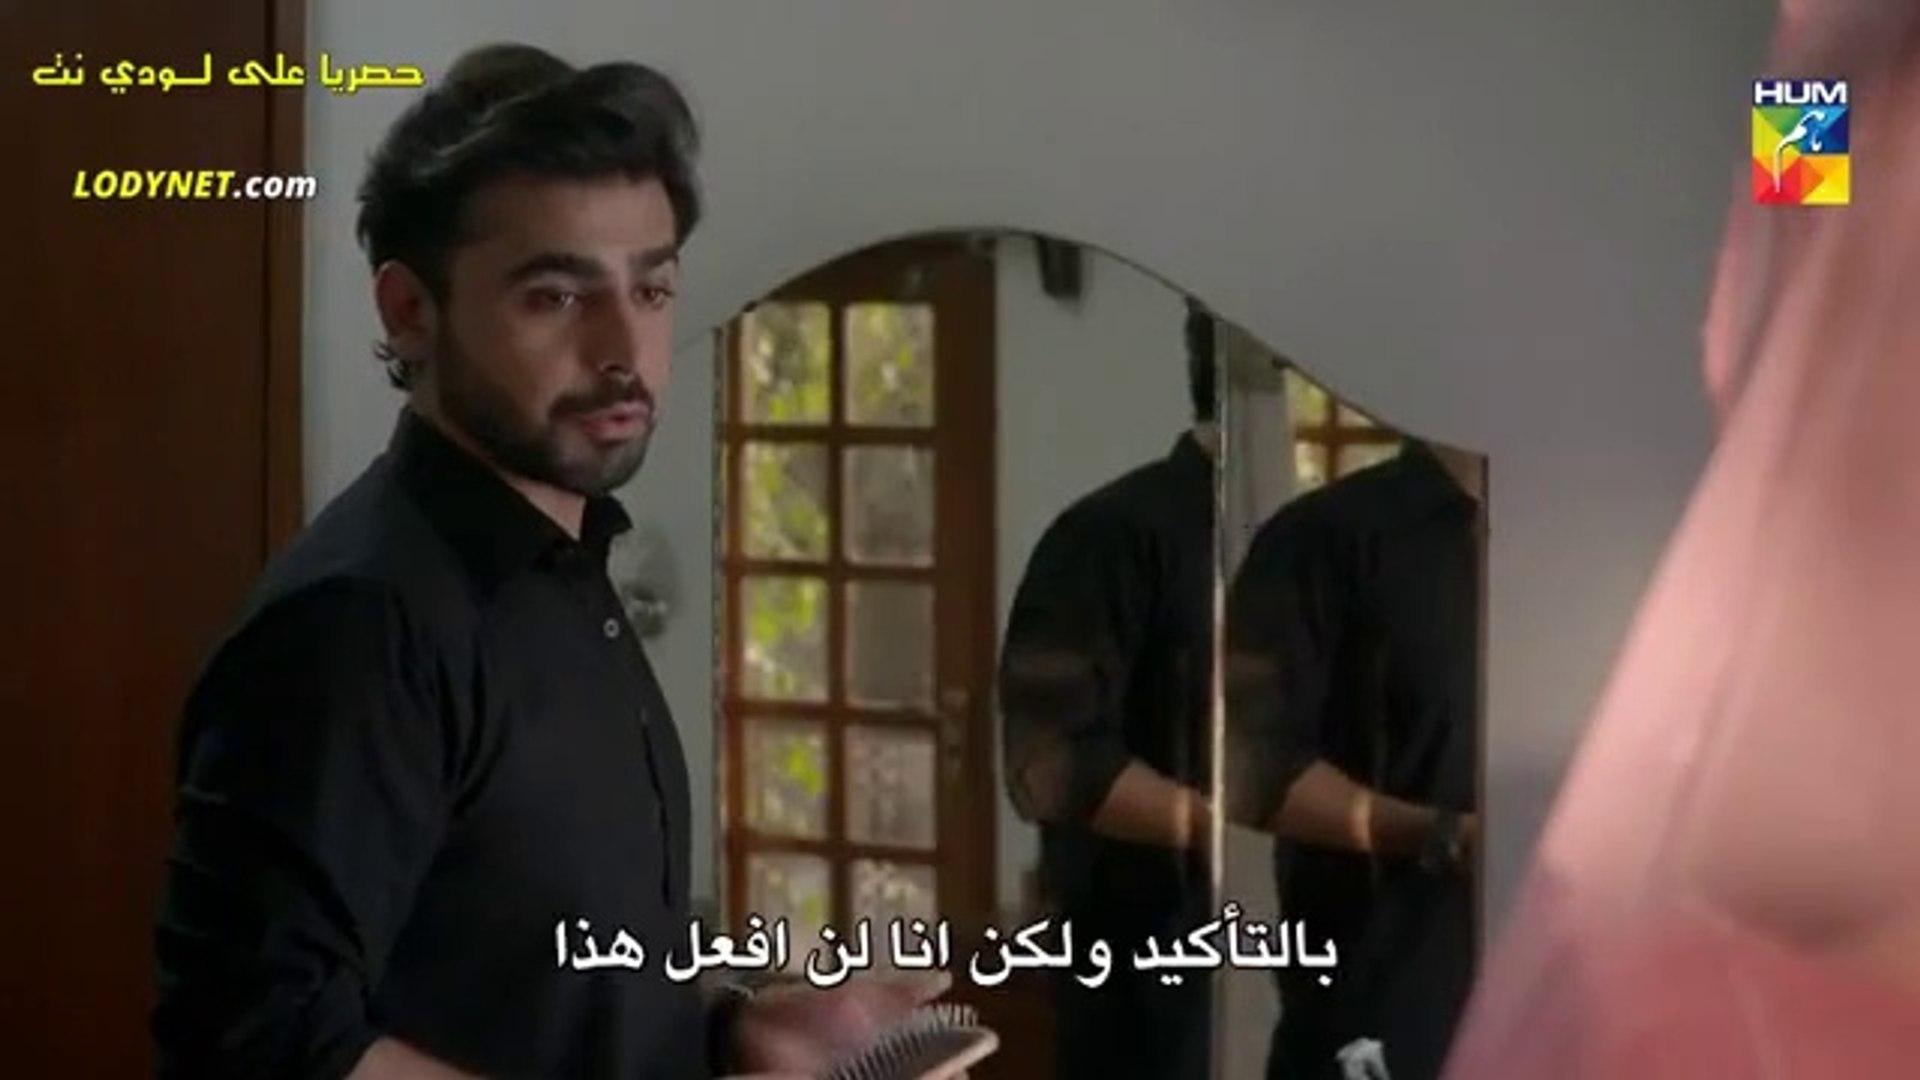 مسلسل استمع ايها القمر مترجم حلقة 1